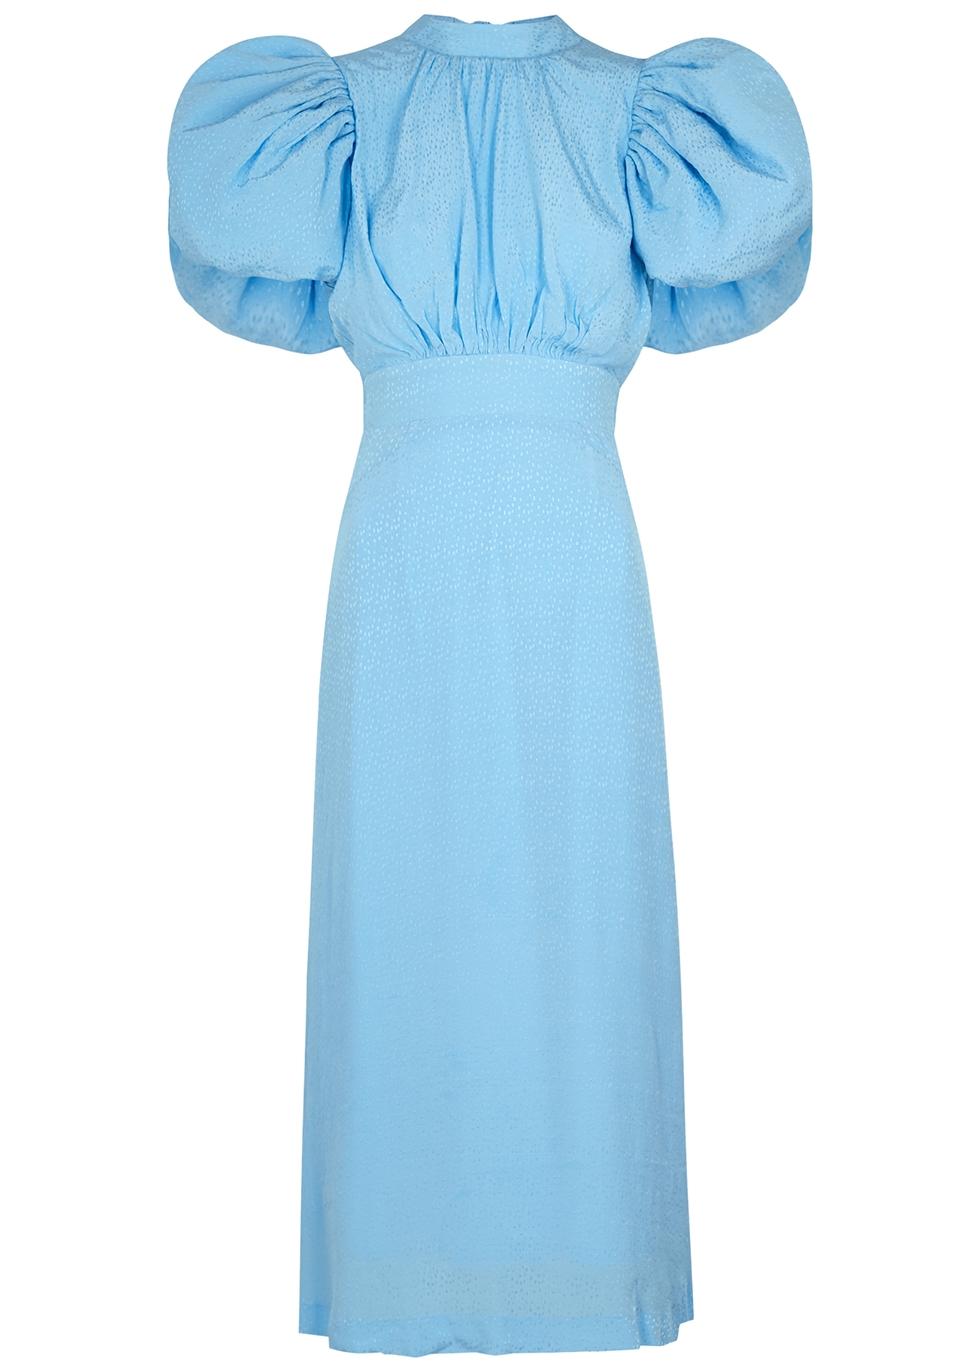 Dawn light blue jacquard midi dress